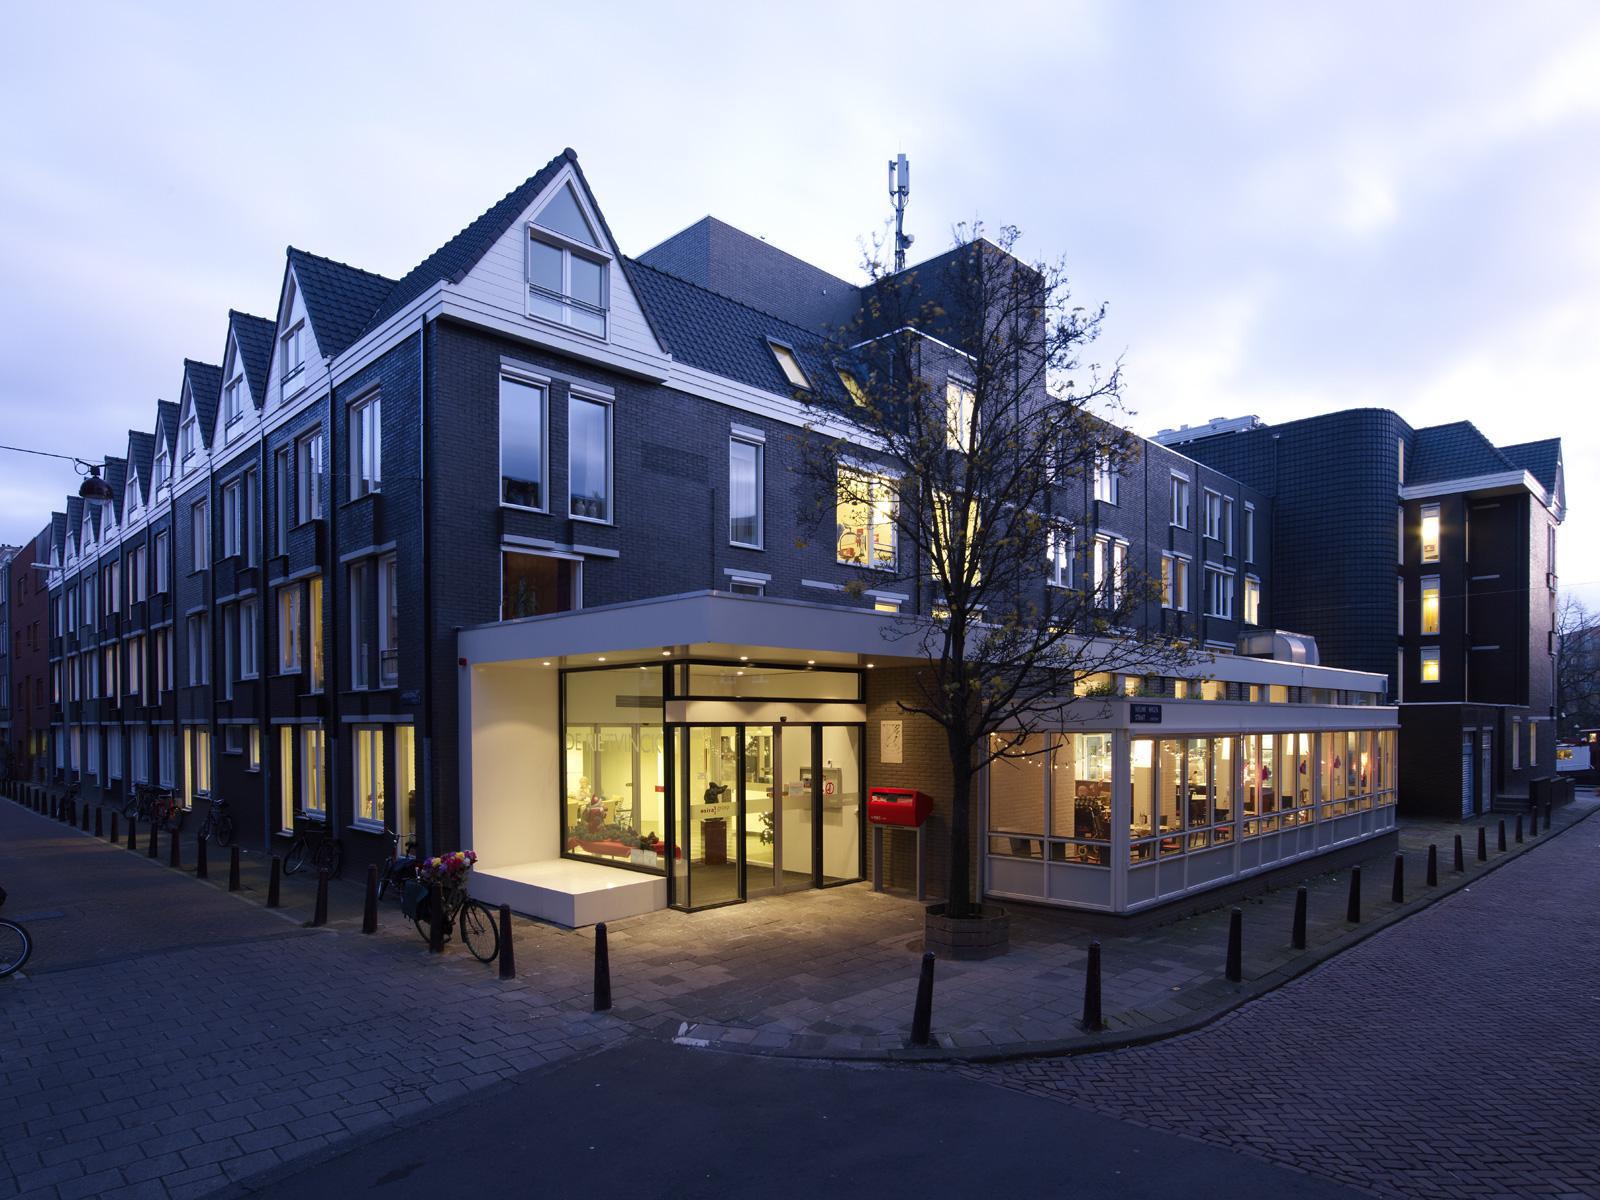 Architectuur toegepast bij dementie